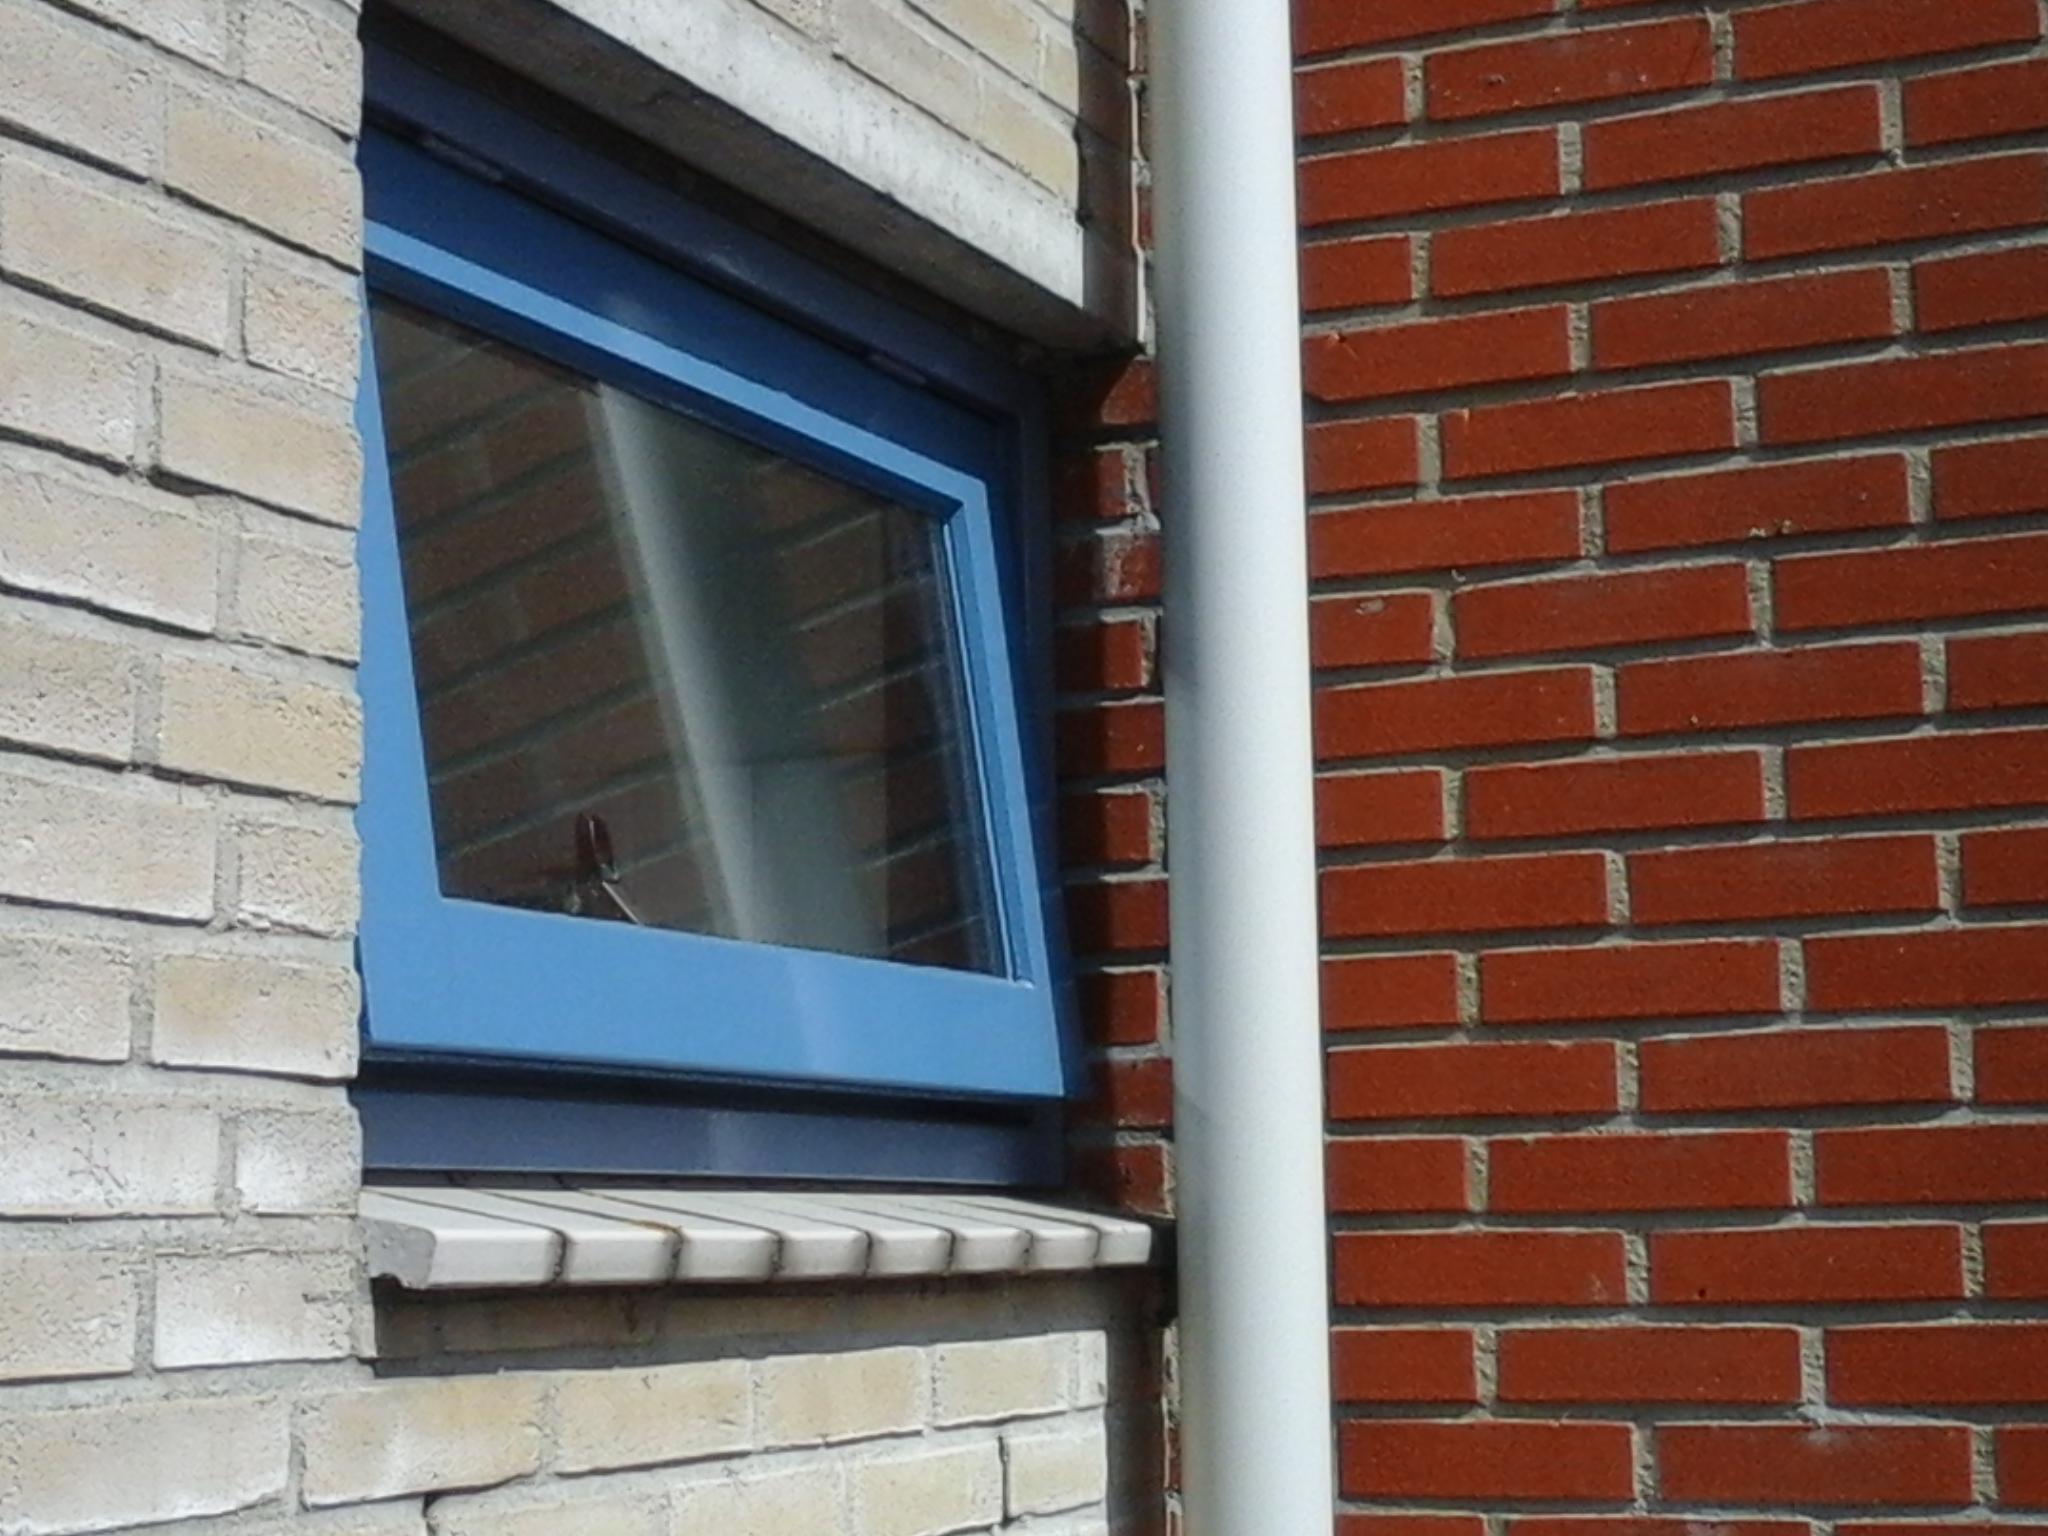 Ventilatie Badkamer Raam : Onvoldoende ventilatie installatie.nl